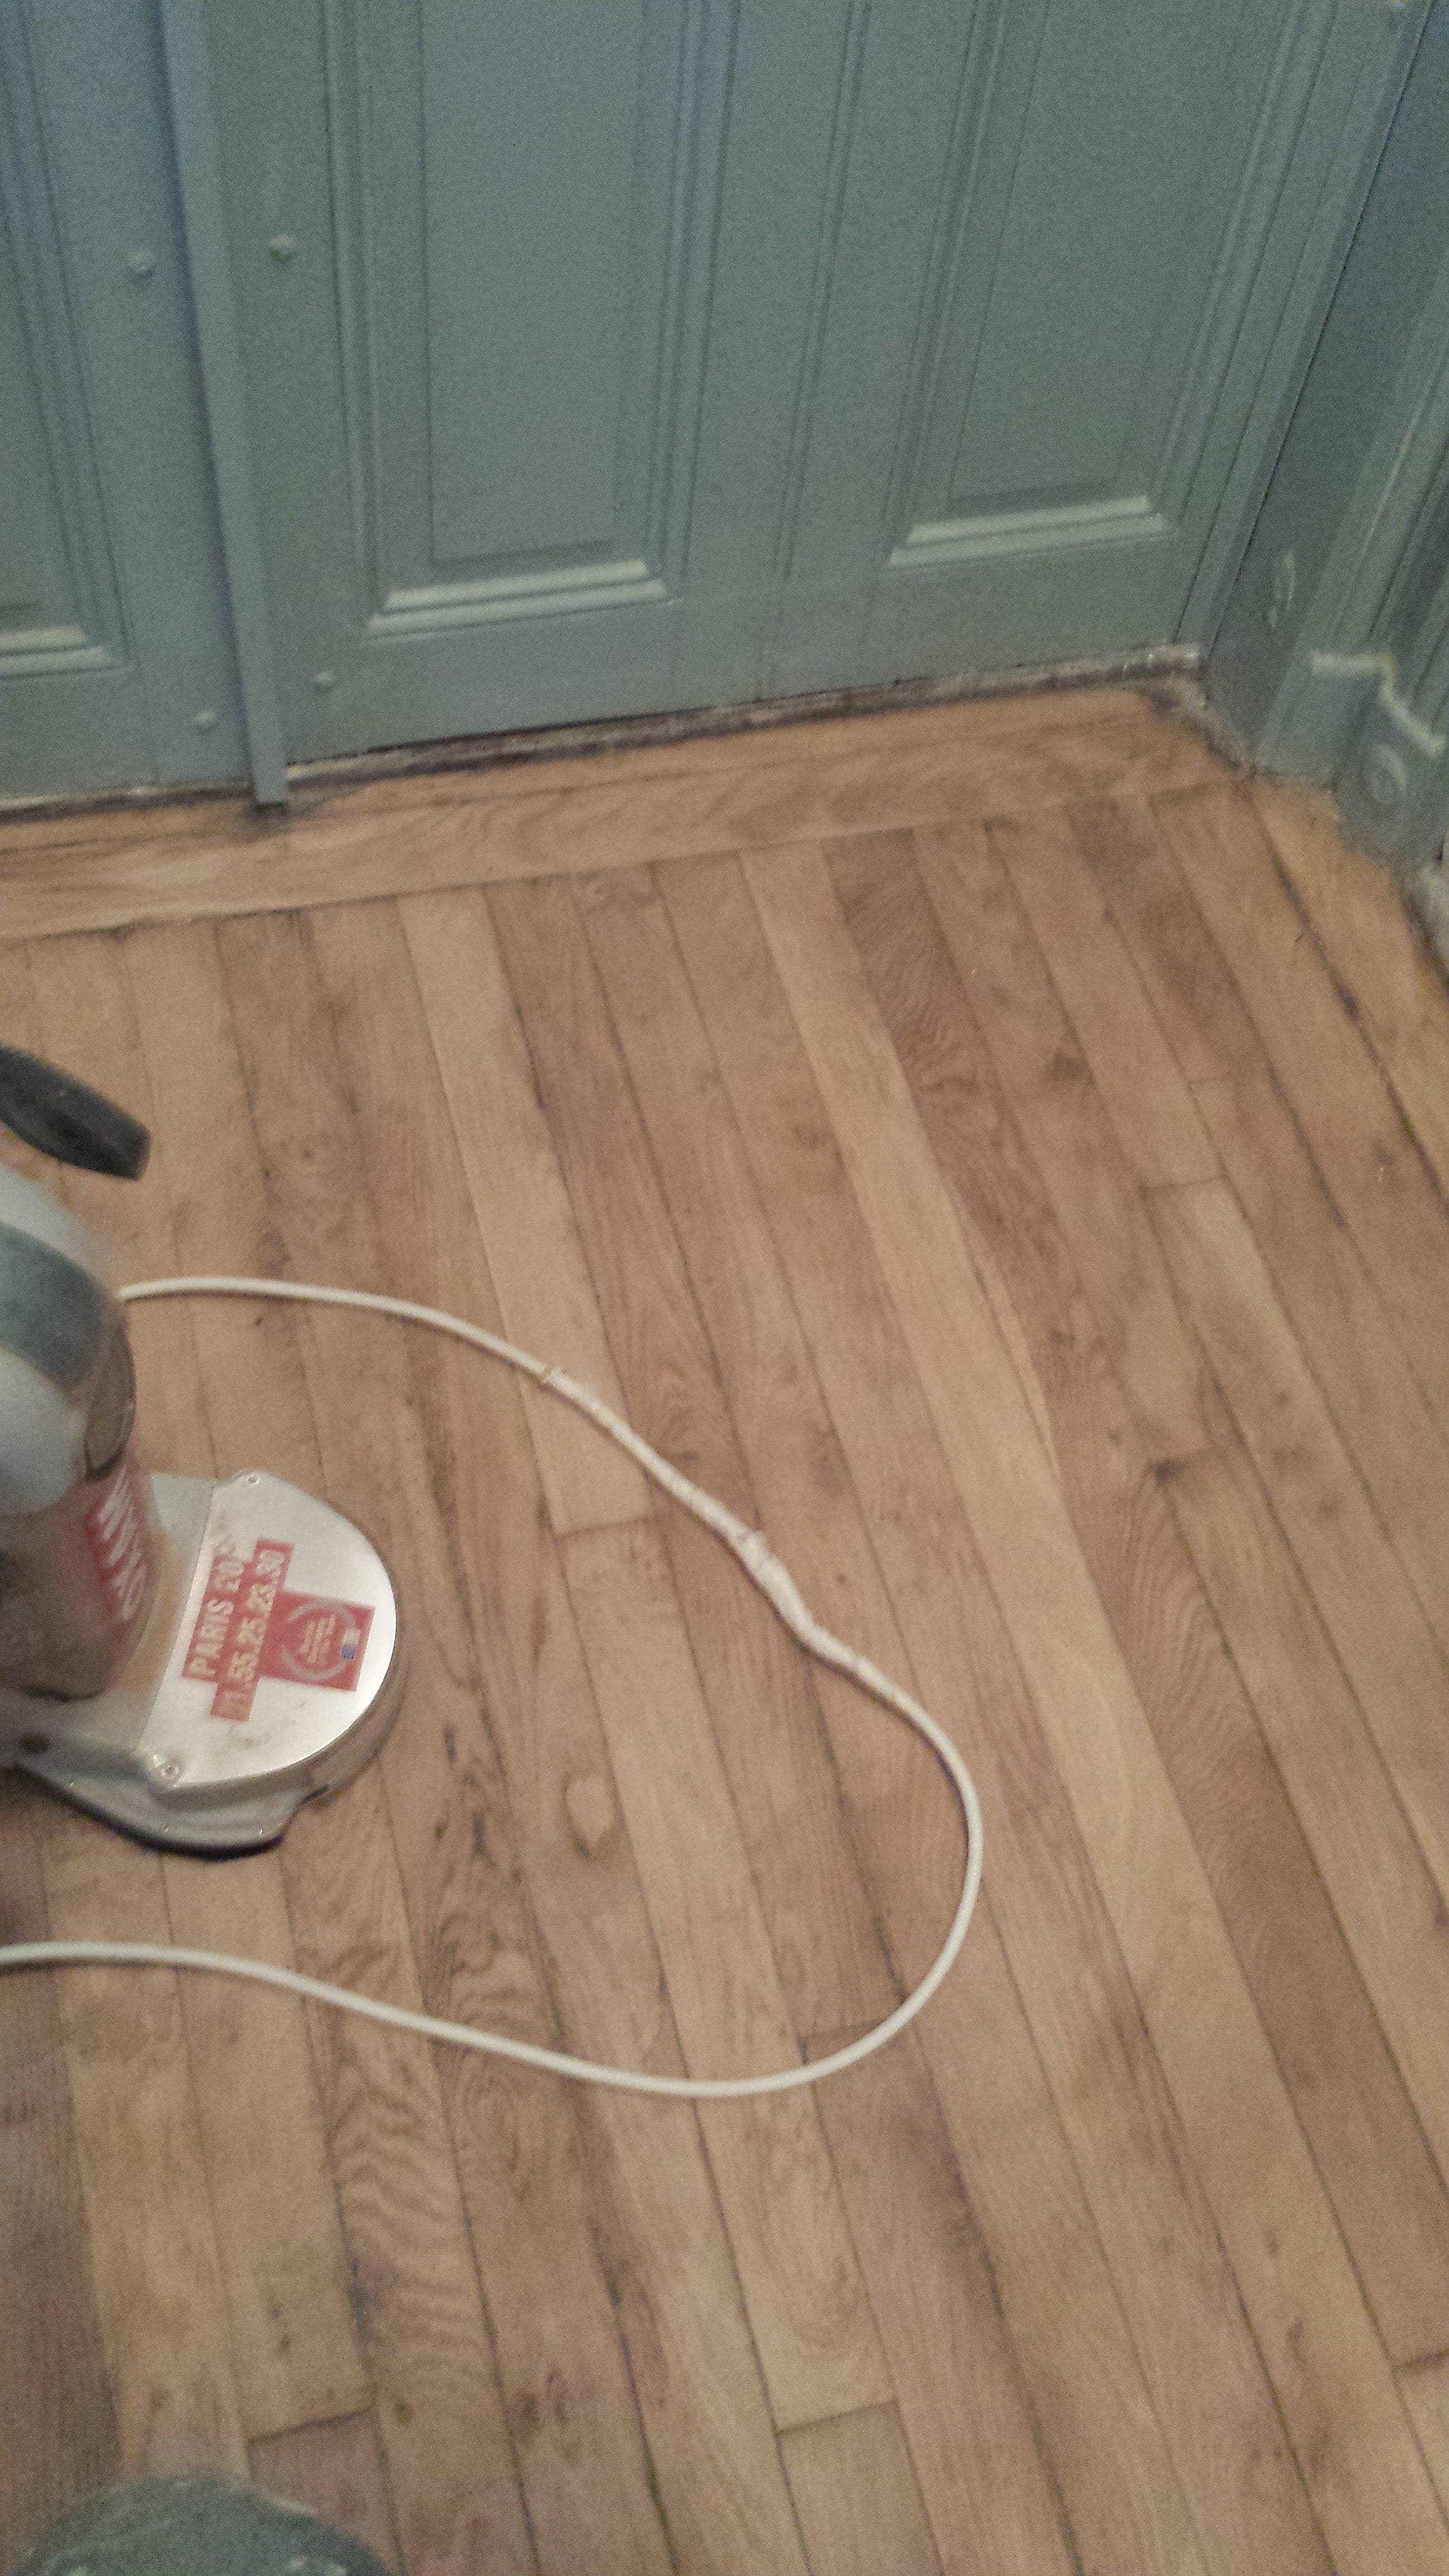 travaux-renovation-escalier-poncage-verni-immeuble-de-paris-6-plancher-texas-batiment-rge-min